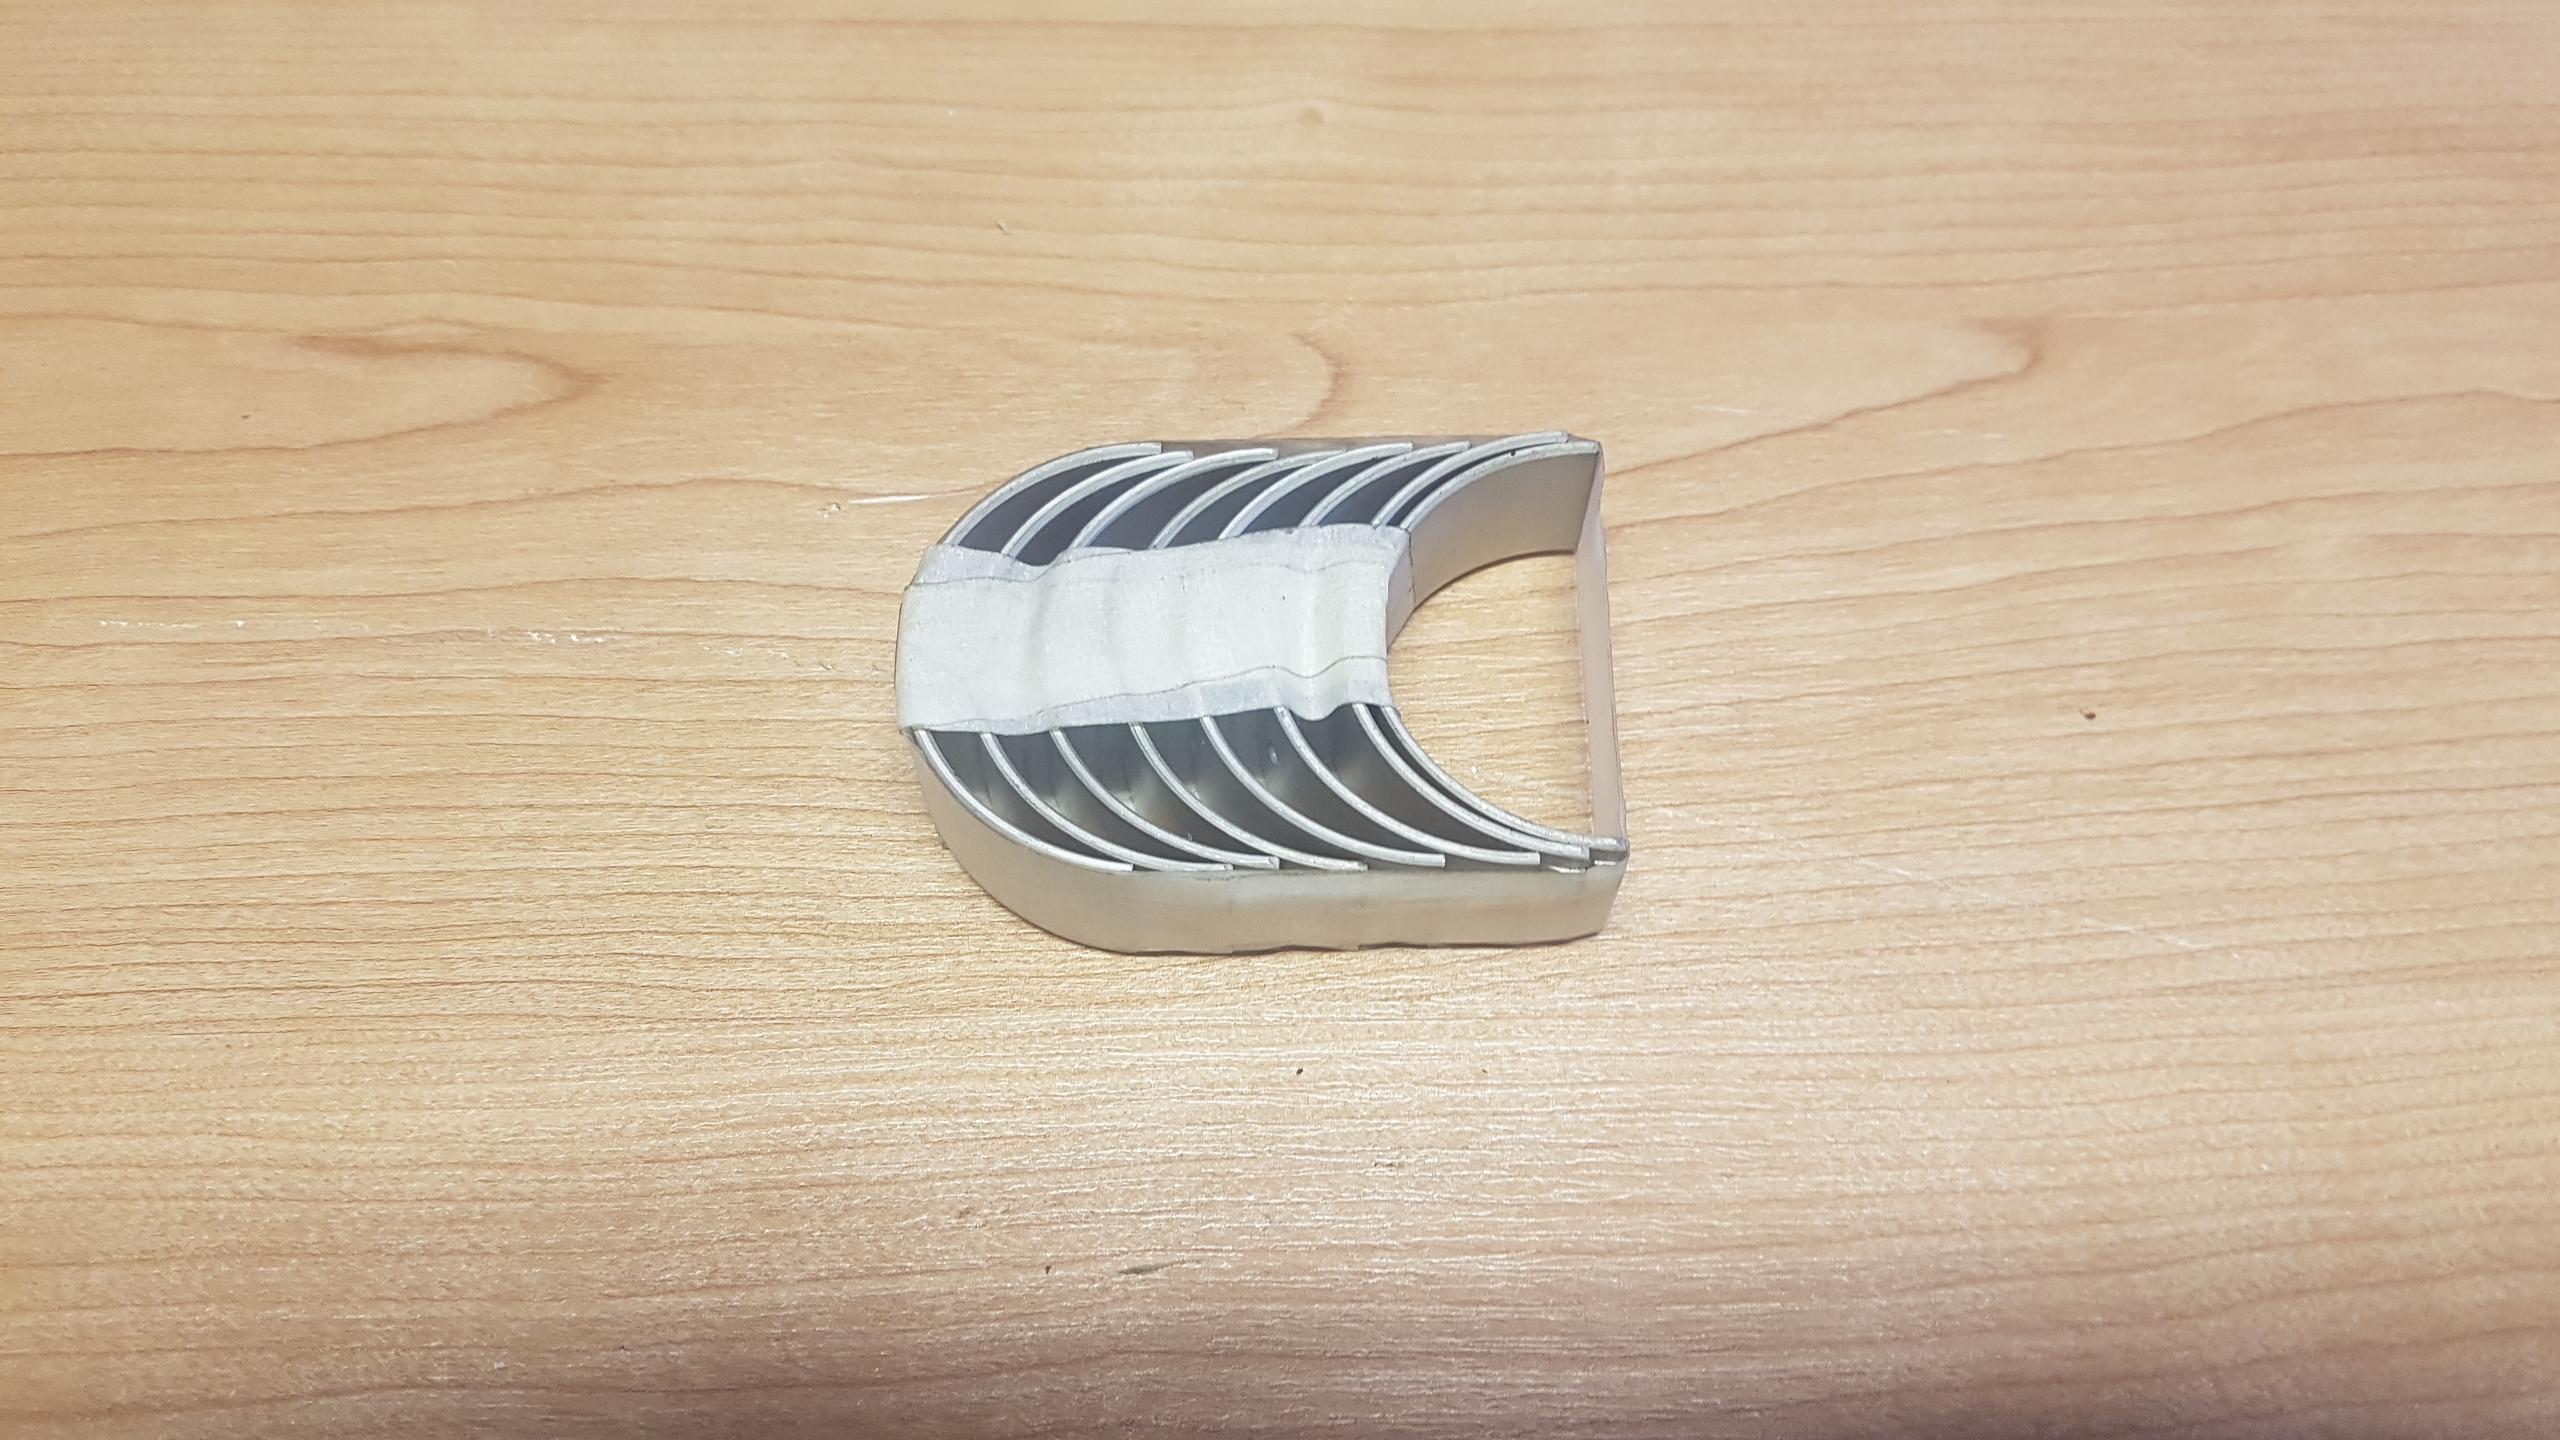 ložiska ojnice motoru 0,10